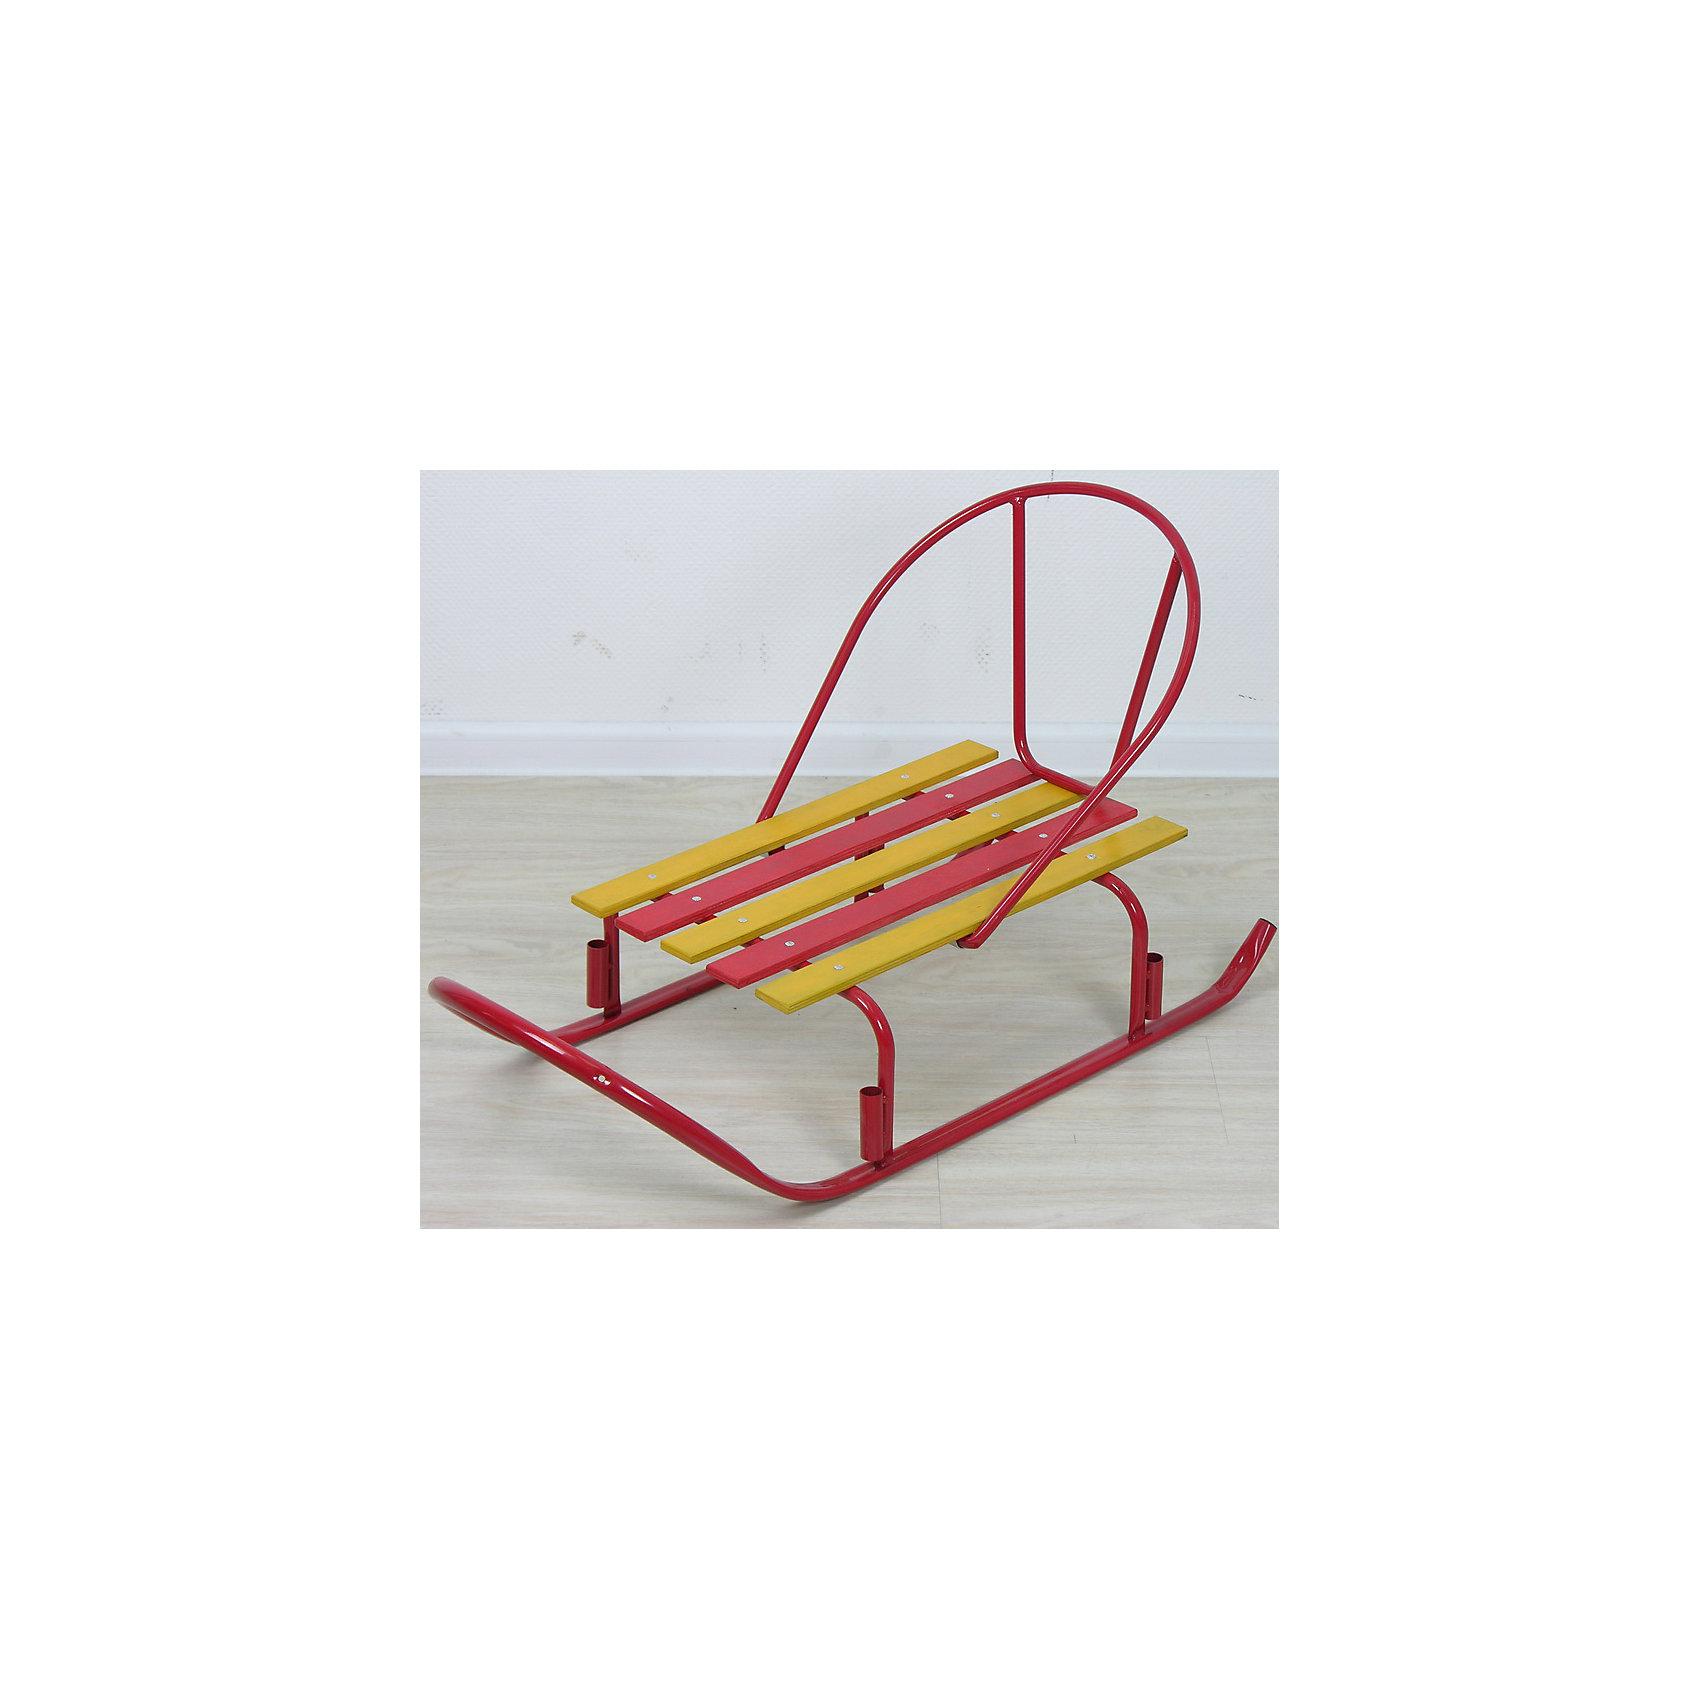 Санки Искра, красныйСанки и снегокаты<br>Санки Искра, красный произведены отечественным торговым брендом Фея. Санки выполнены в классическом исполнении: металлический каркас, широкие полозья, высокая спинка – все эти элементы делают их удобными и безопасными. Сидение выполнено из деревянных окрашенных реек. Сани укомплектованы съемной ручкой, которая может устанавливаться в двух положениях. Детские санки окрашены в яркие цвета: красный и желтый.<br><br>Дополнительная информация:<br><br>- Предназначение: для зимних прогулок<br>- Материал: металл, дерево<br>- Пол: для девочки<br>- Максимальный вес: 50 кг<br>- Цвет: красный, желтый<br>- Размер (Д*Ш*В): 80*45,5*39 см<br>- Вес: 2 кг 600 г<br>- Особенности ухода: можно протирать влажной губкой<br><br>Подробнее:<br><br>• Для детей в возрасте: от 10 месяцев и до 24 месяцев<br>• Страна производитель: Россия<br>• Торговый бренд: Фея<br><br>Санки Искра, красный можно купить в нашем интернет-магазине.<br><br>Ширина мм: 800<br>Глубина мм: 455<br>Высота мм: 390<br>Вес г: 2600<br>Возраст от месяцев: 10<br>Возраст до месяцев: 24<br>Пол: Женский<br>Возраст: Детский<br>SKU: 4936377